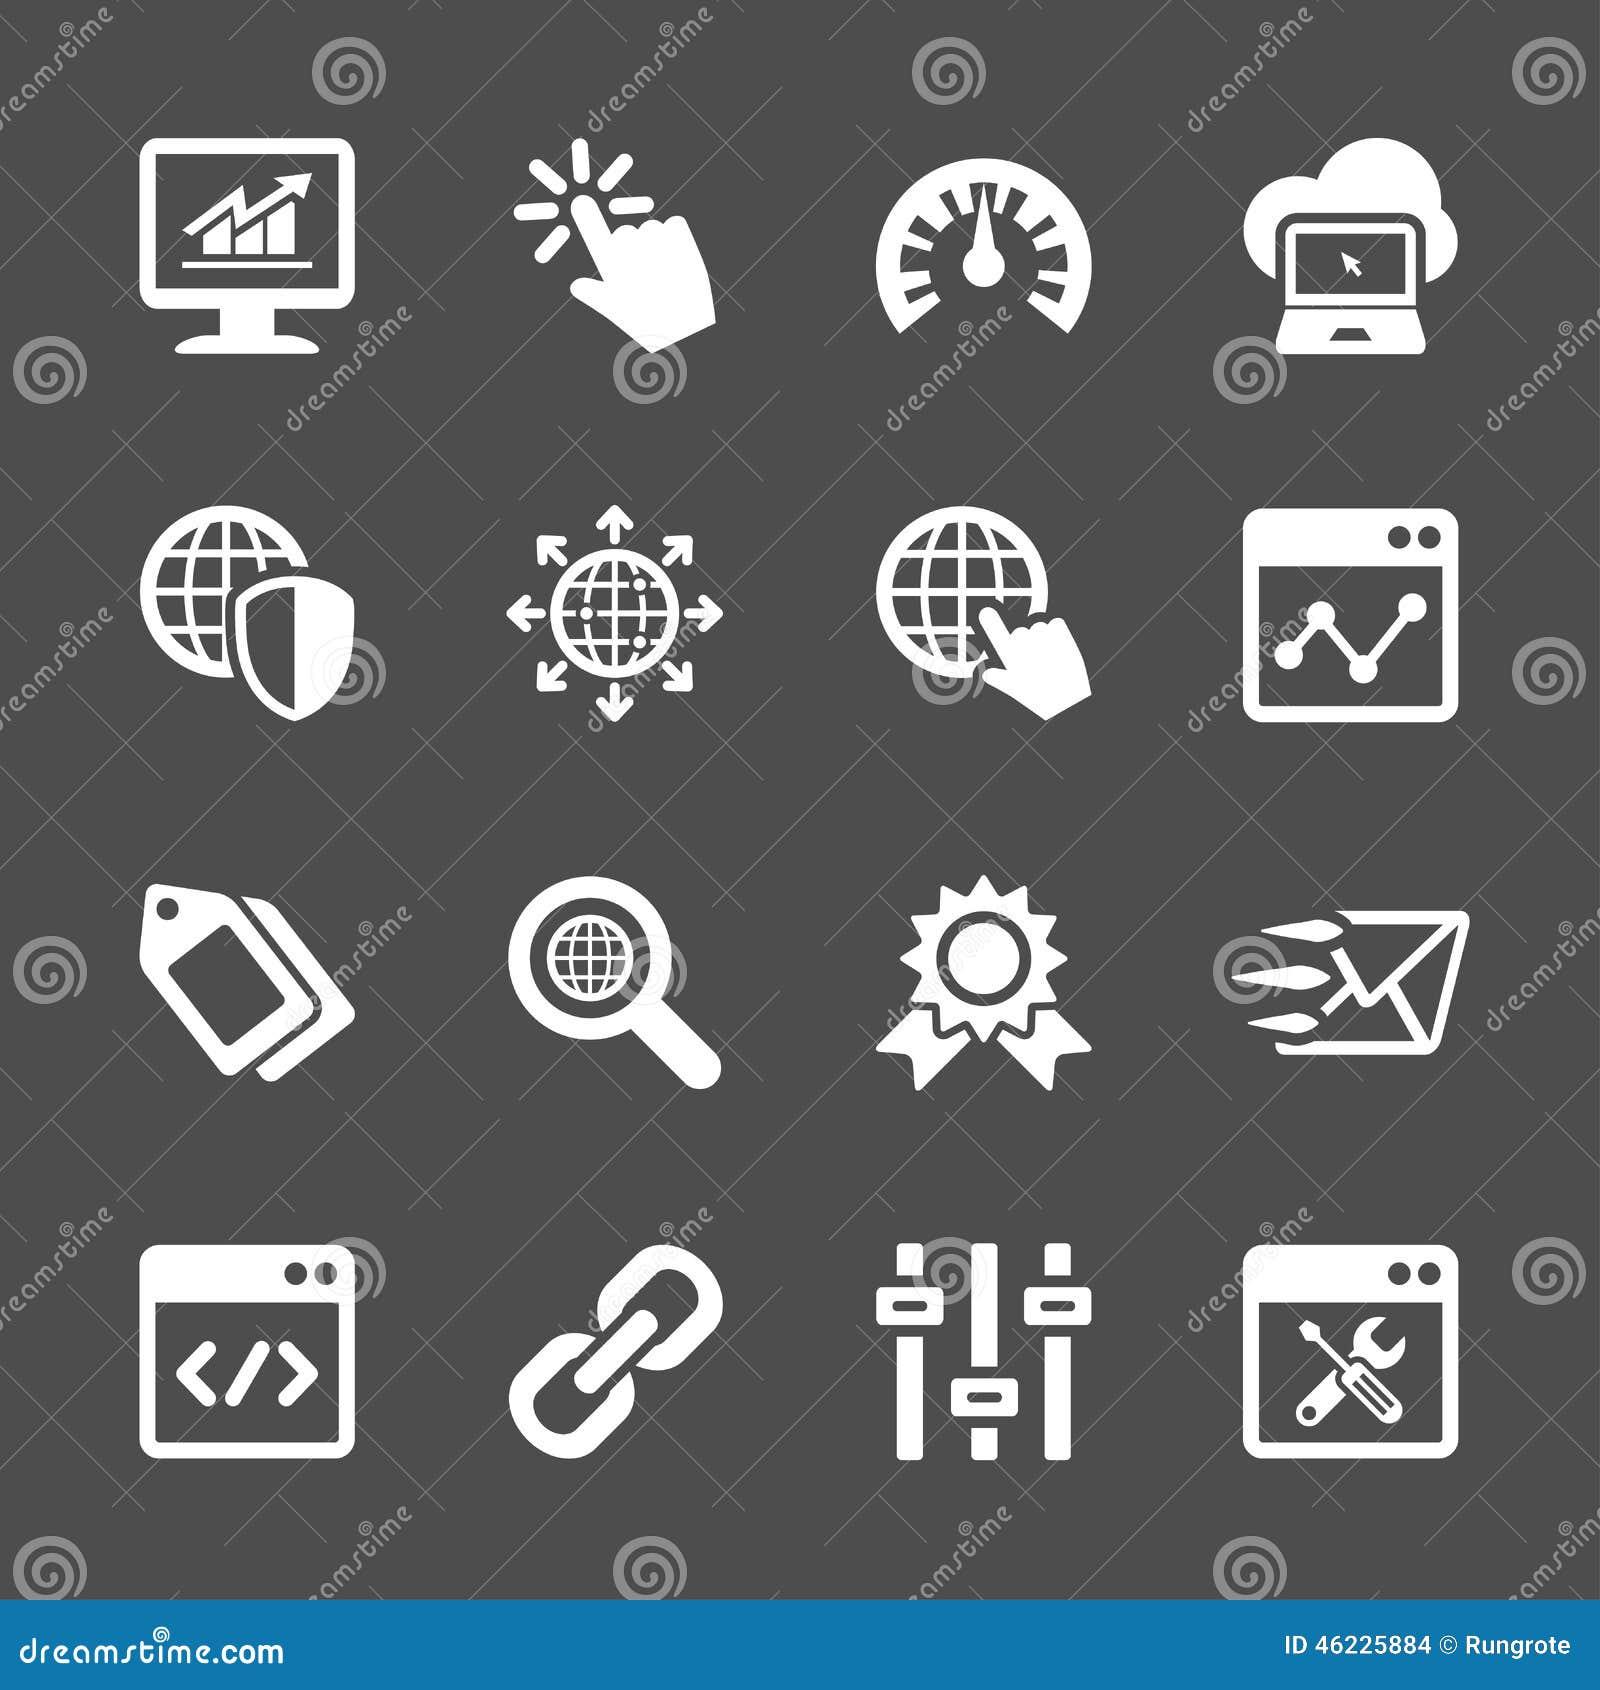 Σύνολο εικονιδίων βελτιστοποίησης μηχανών δικτύων και αναζήτησης, διανυσματικό eps10